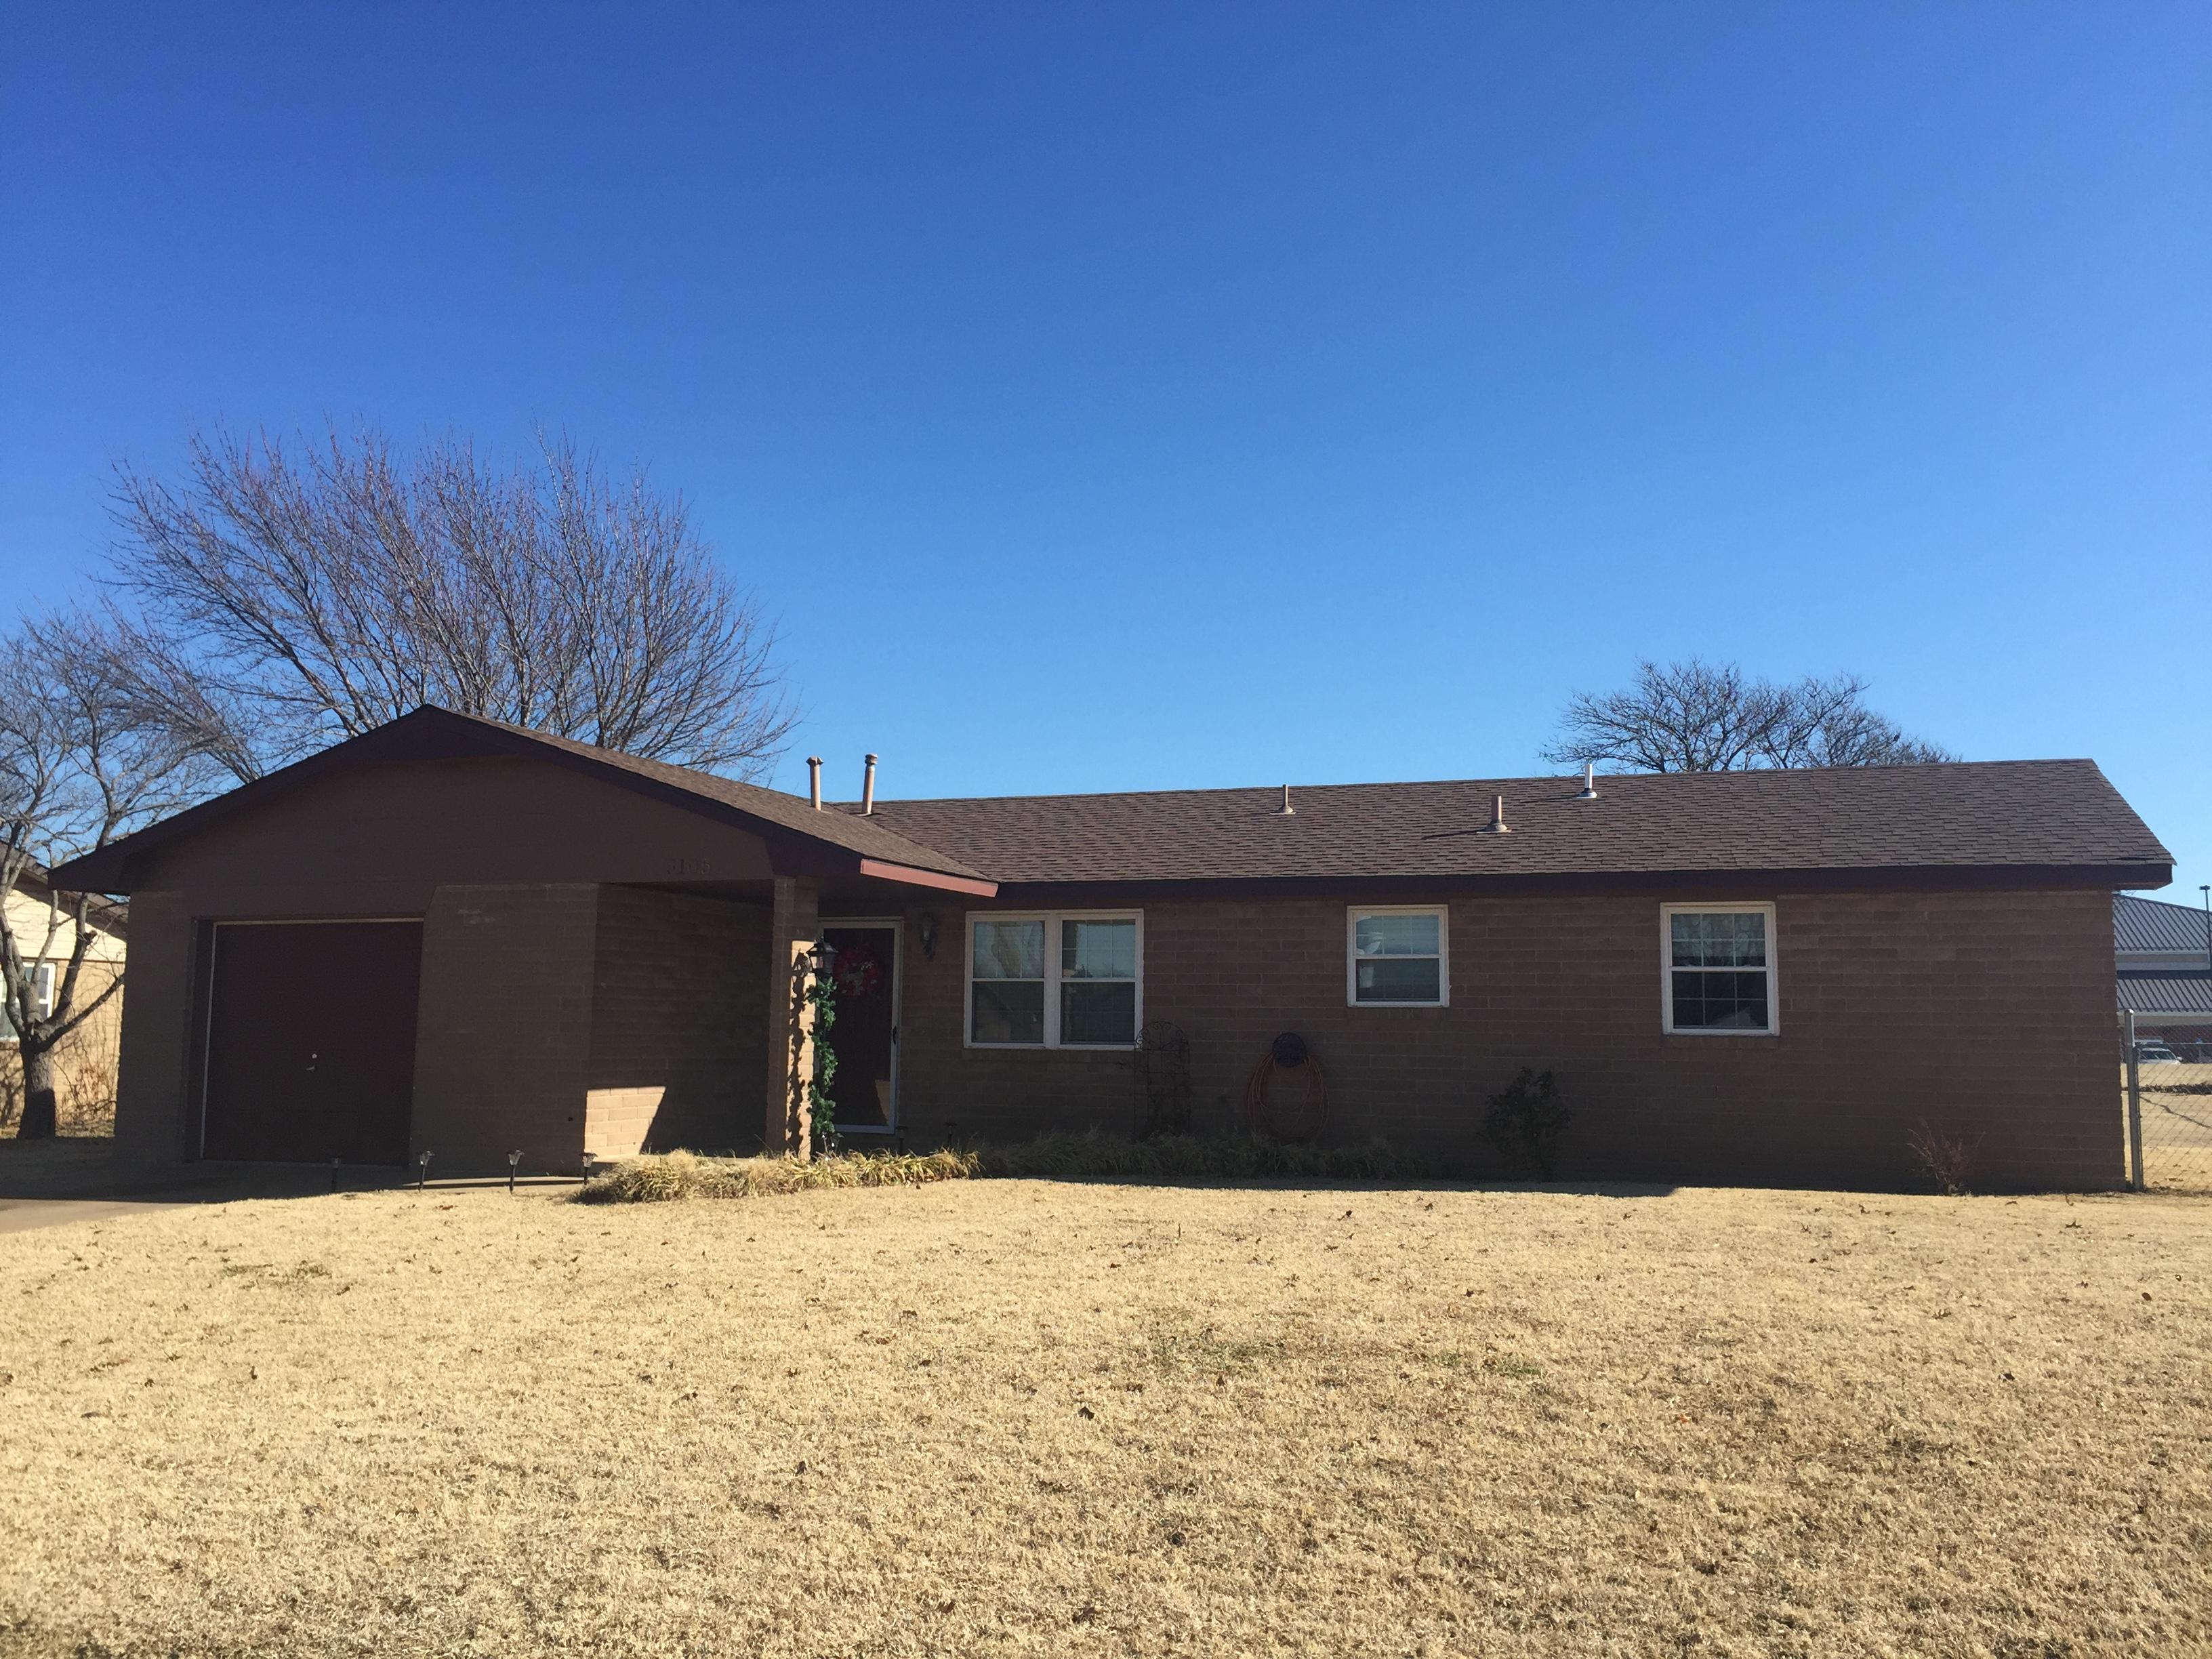 3105 El Camino, Ponca City, Oklahoma 74604